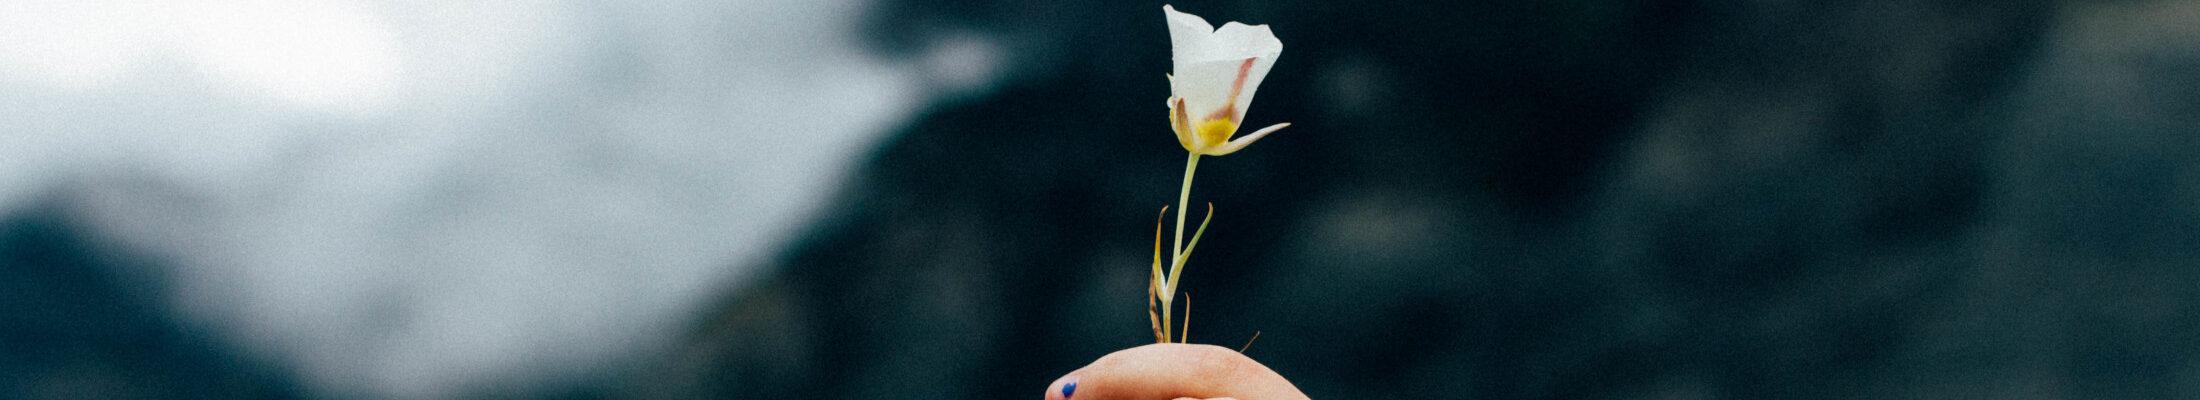 Foto von zwei Händen mit einer Blume